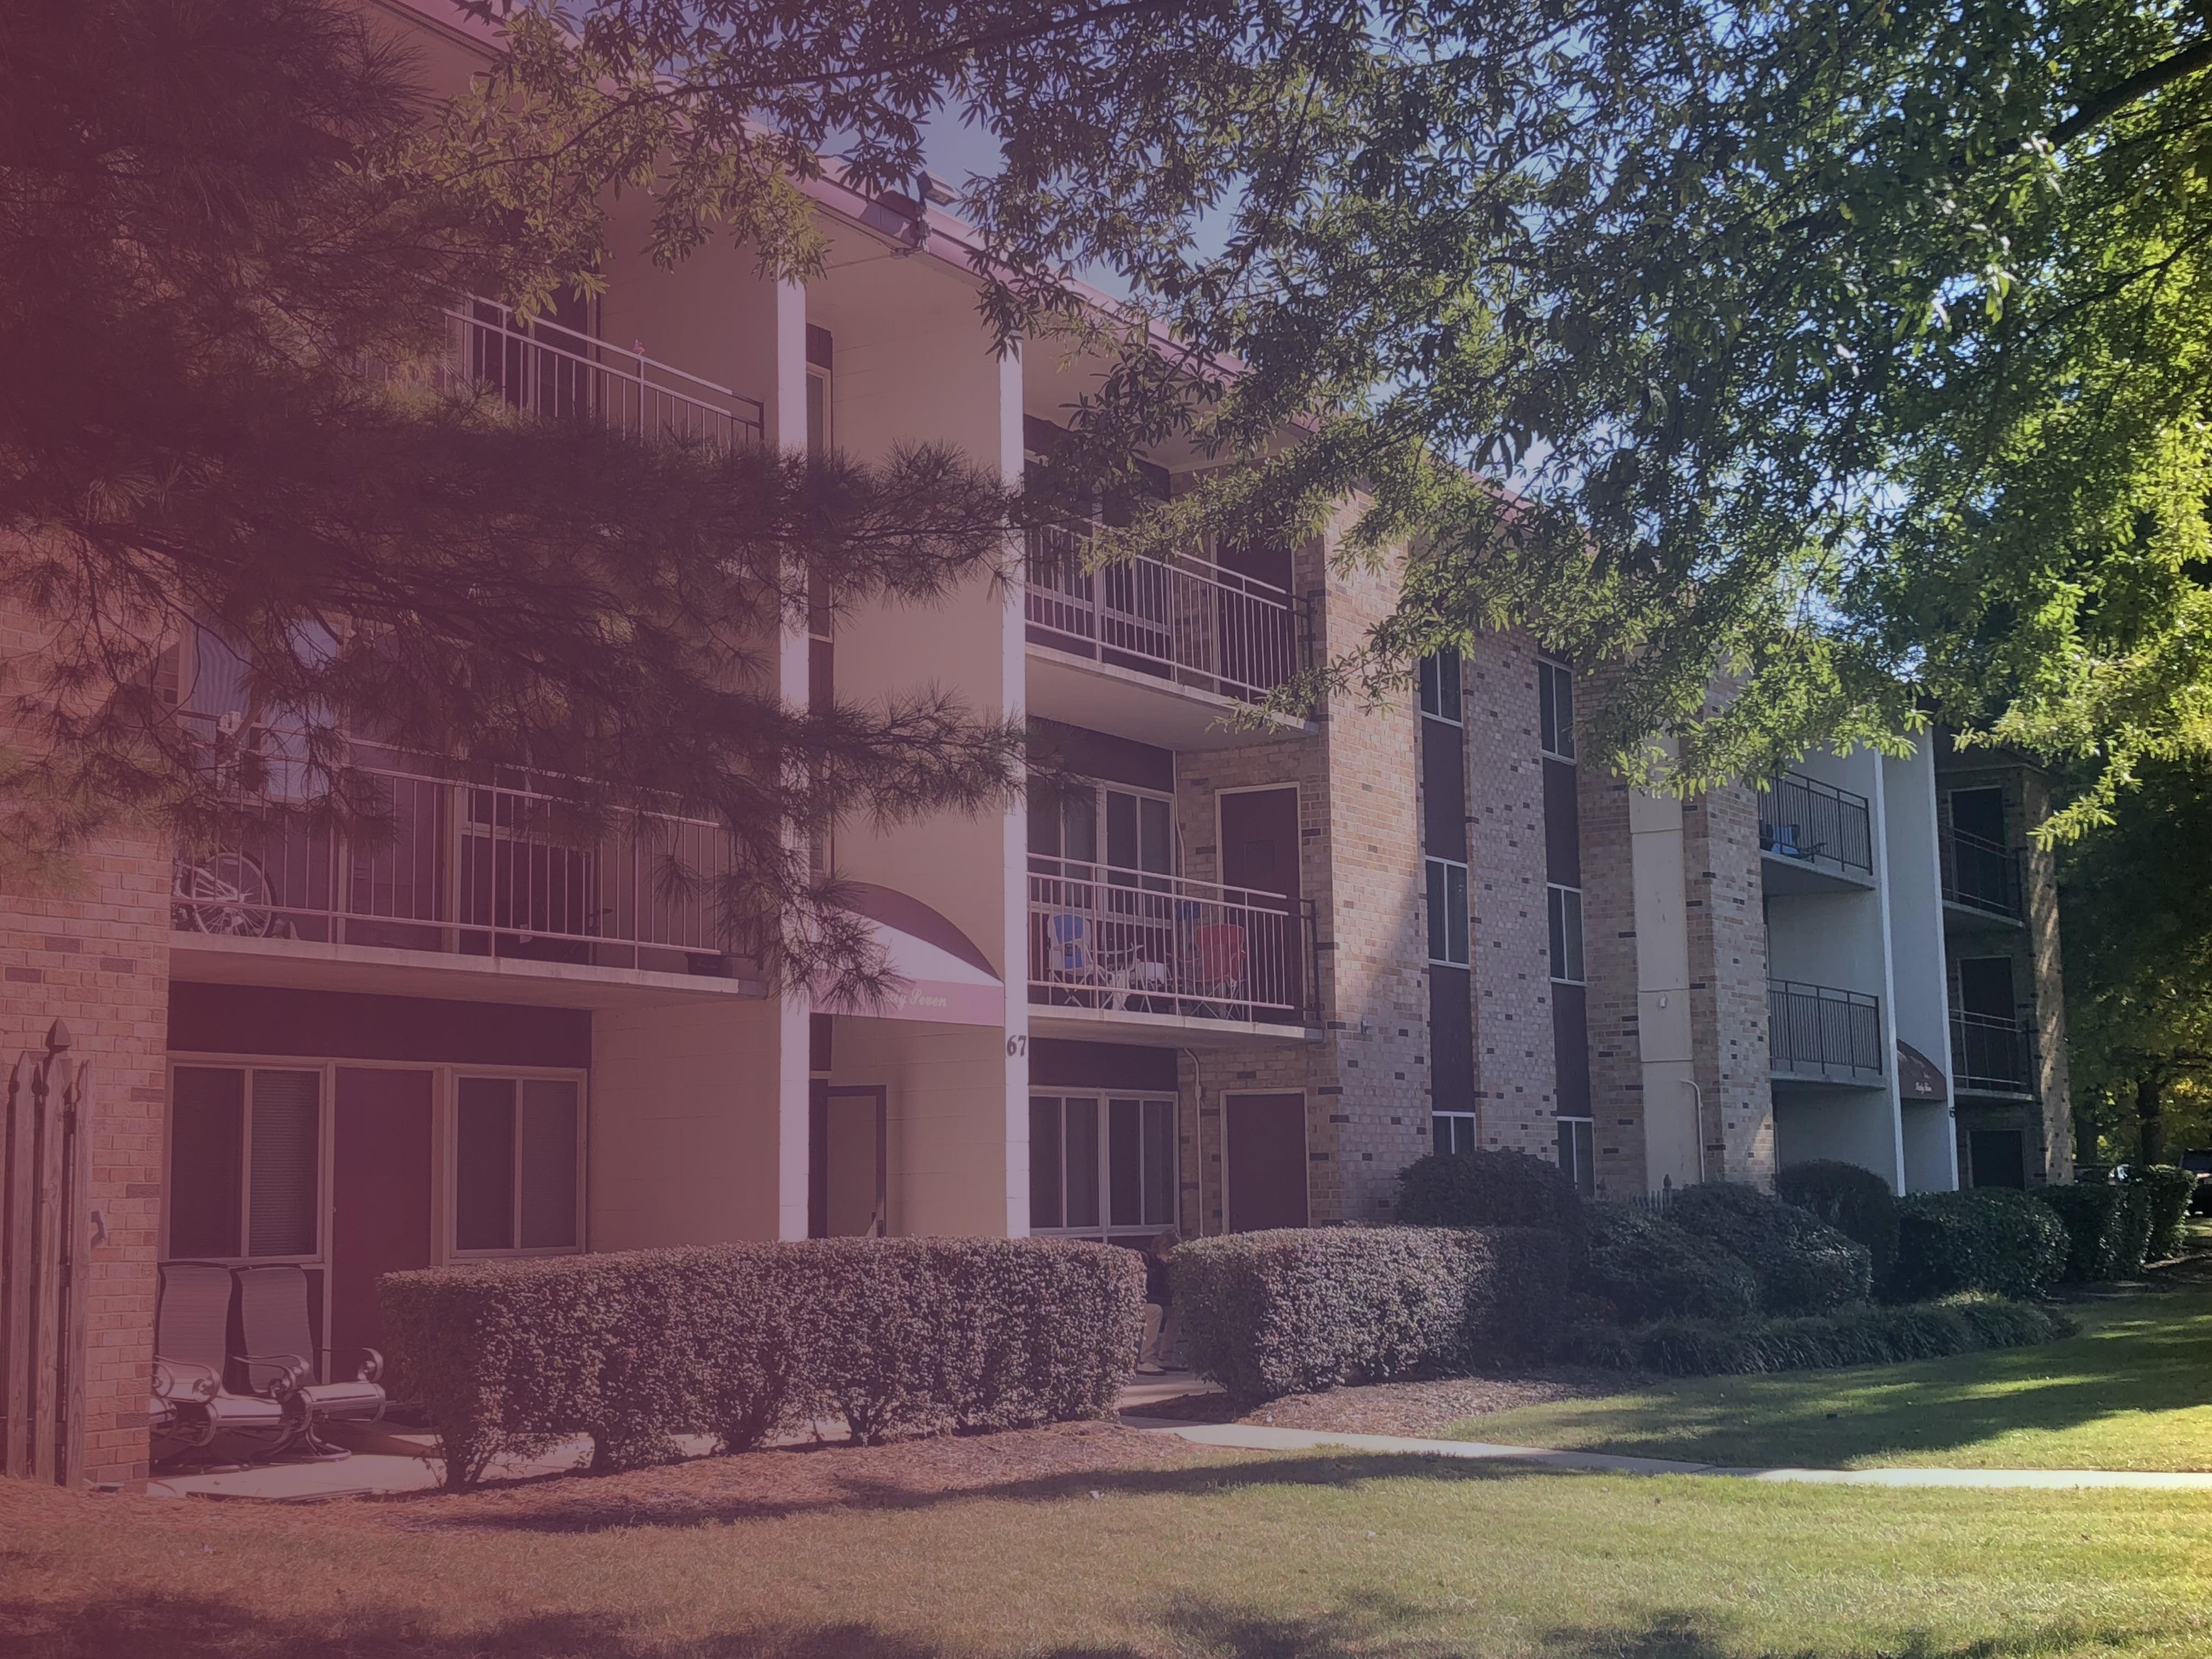 Bradford apartment complex